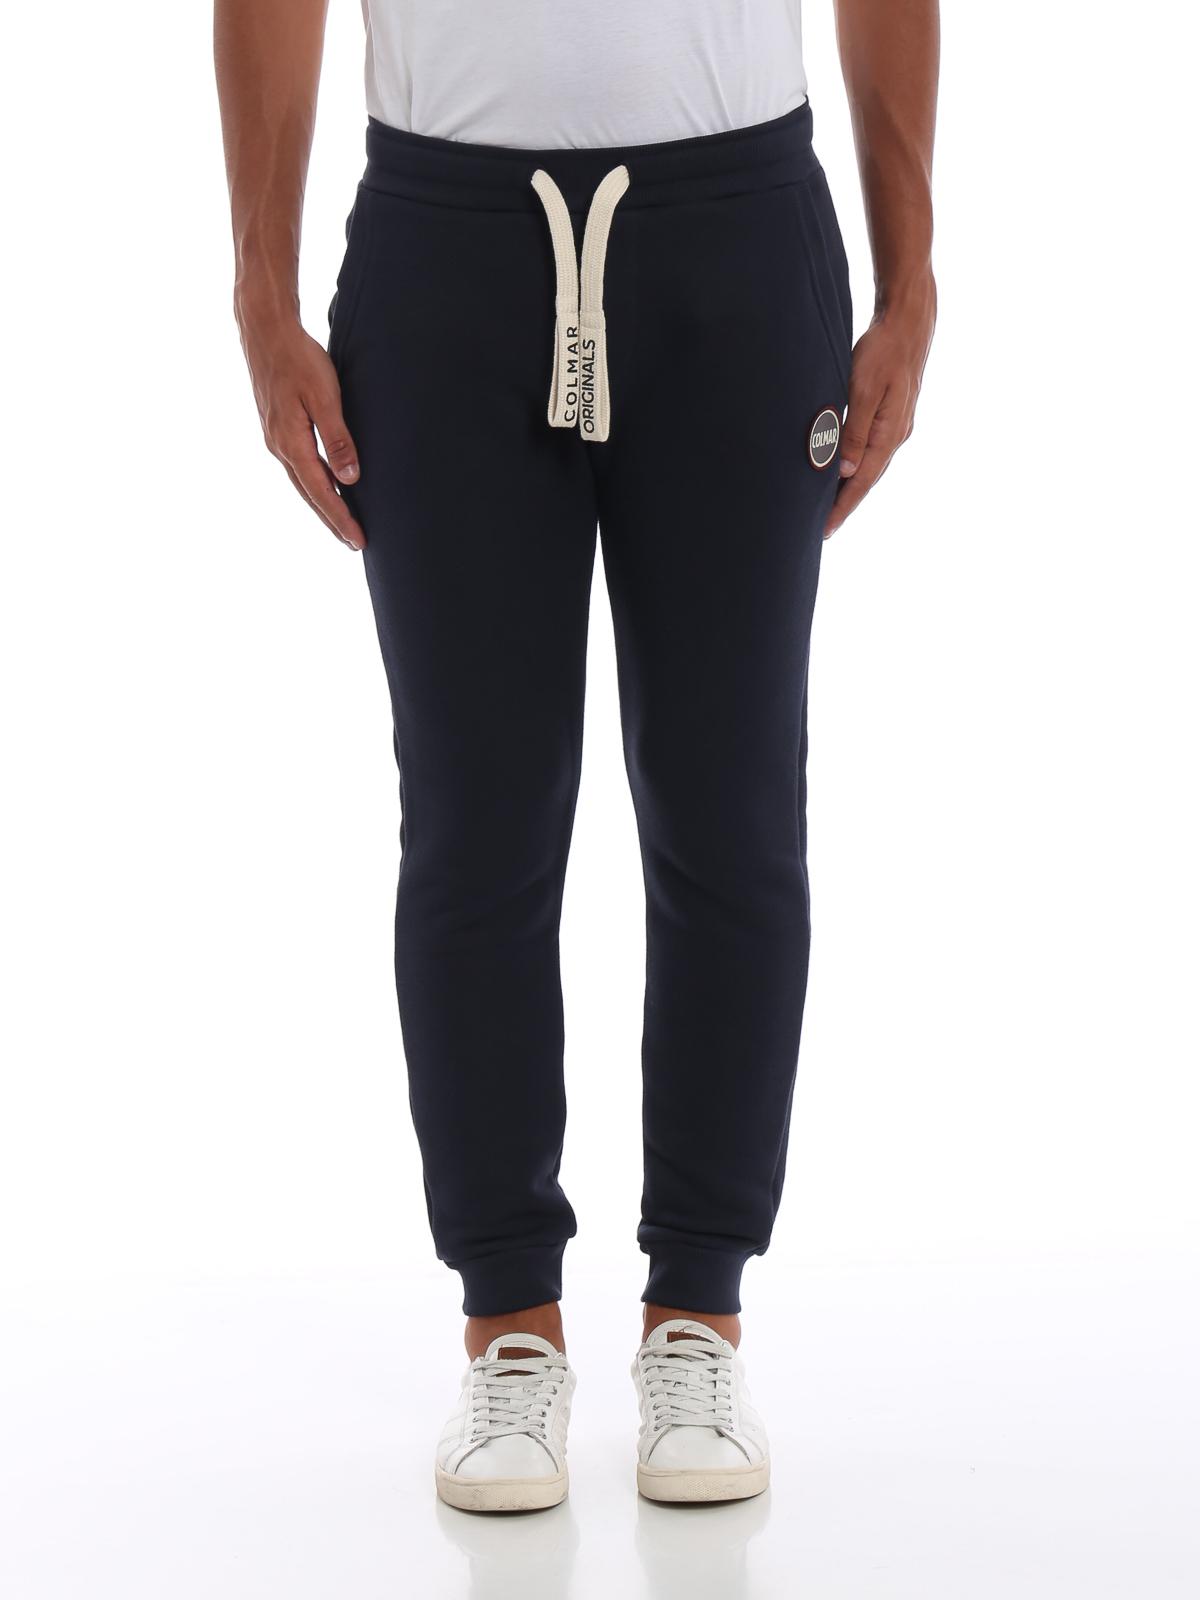 De Colmar Bleu Sport Pantalons Originals qOOnP7pE